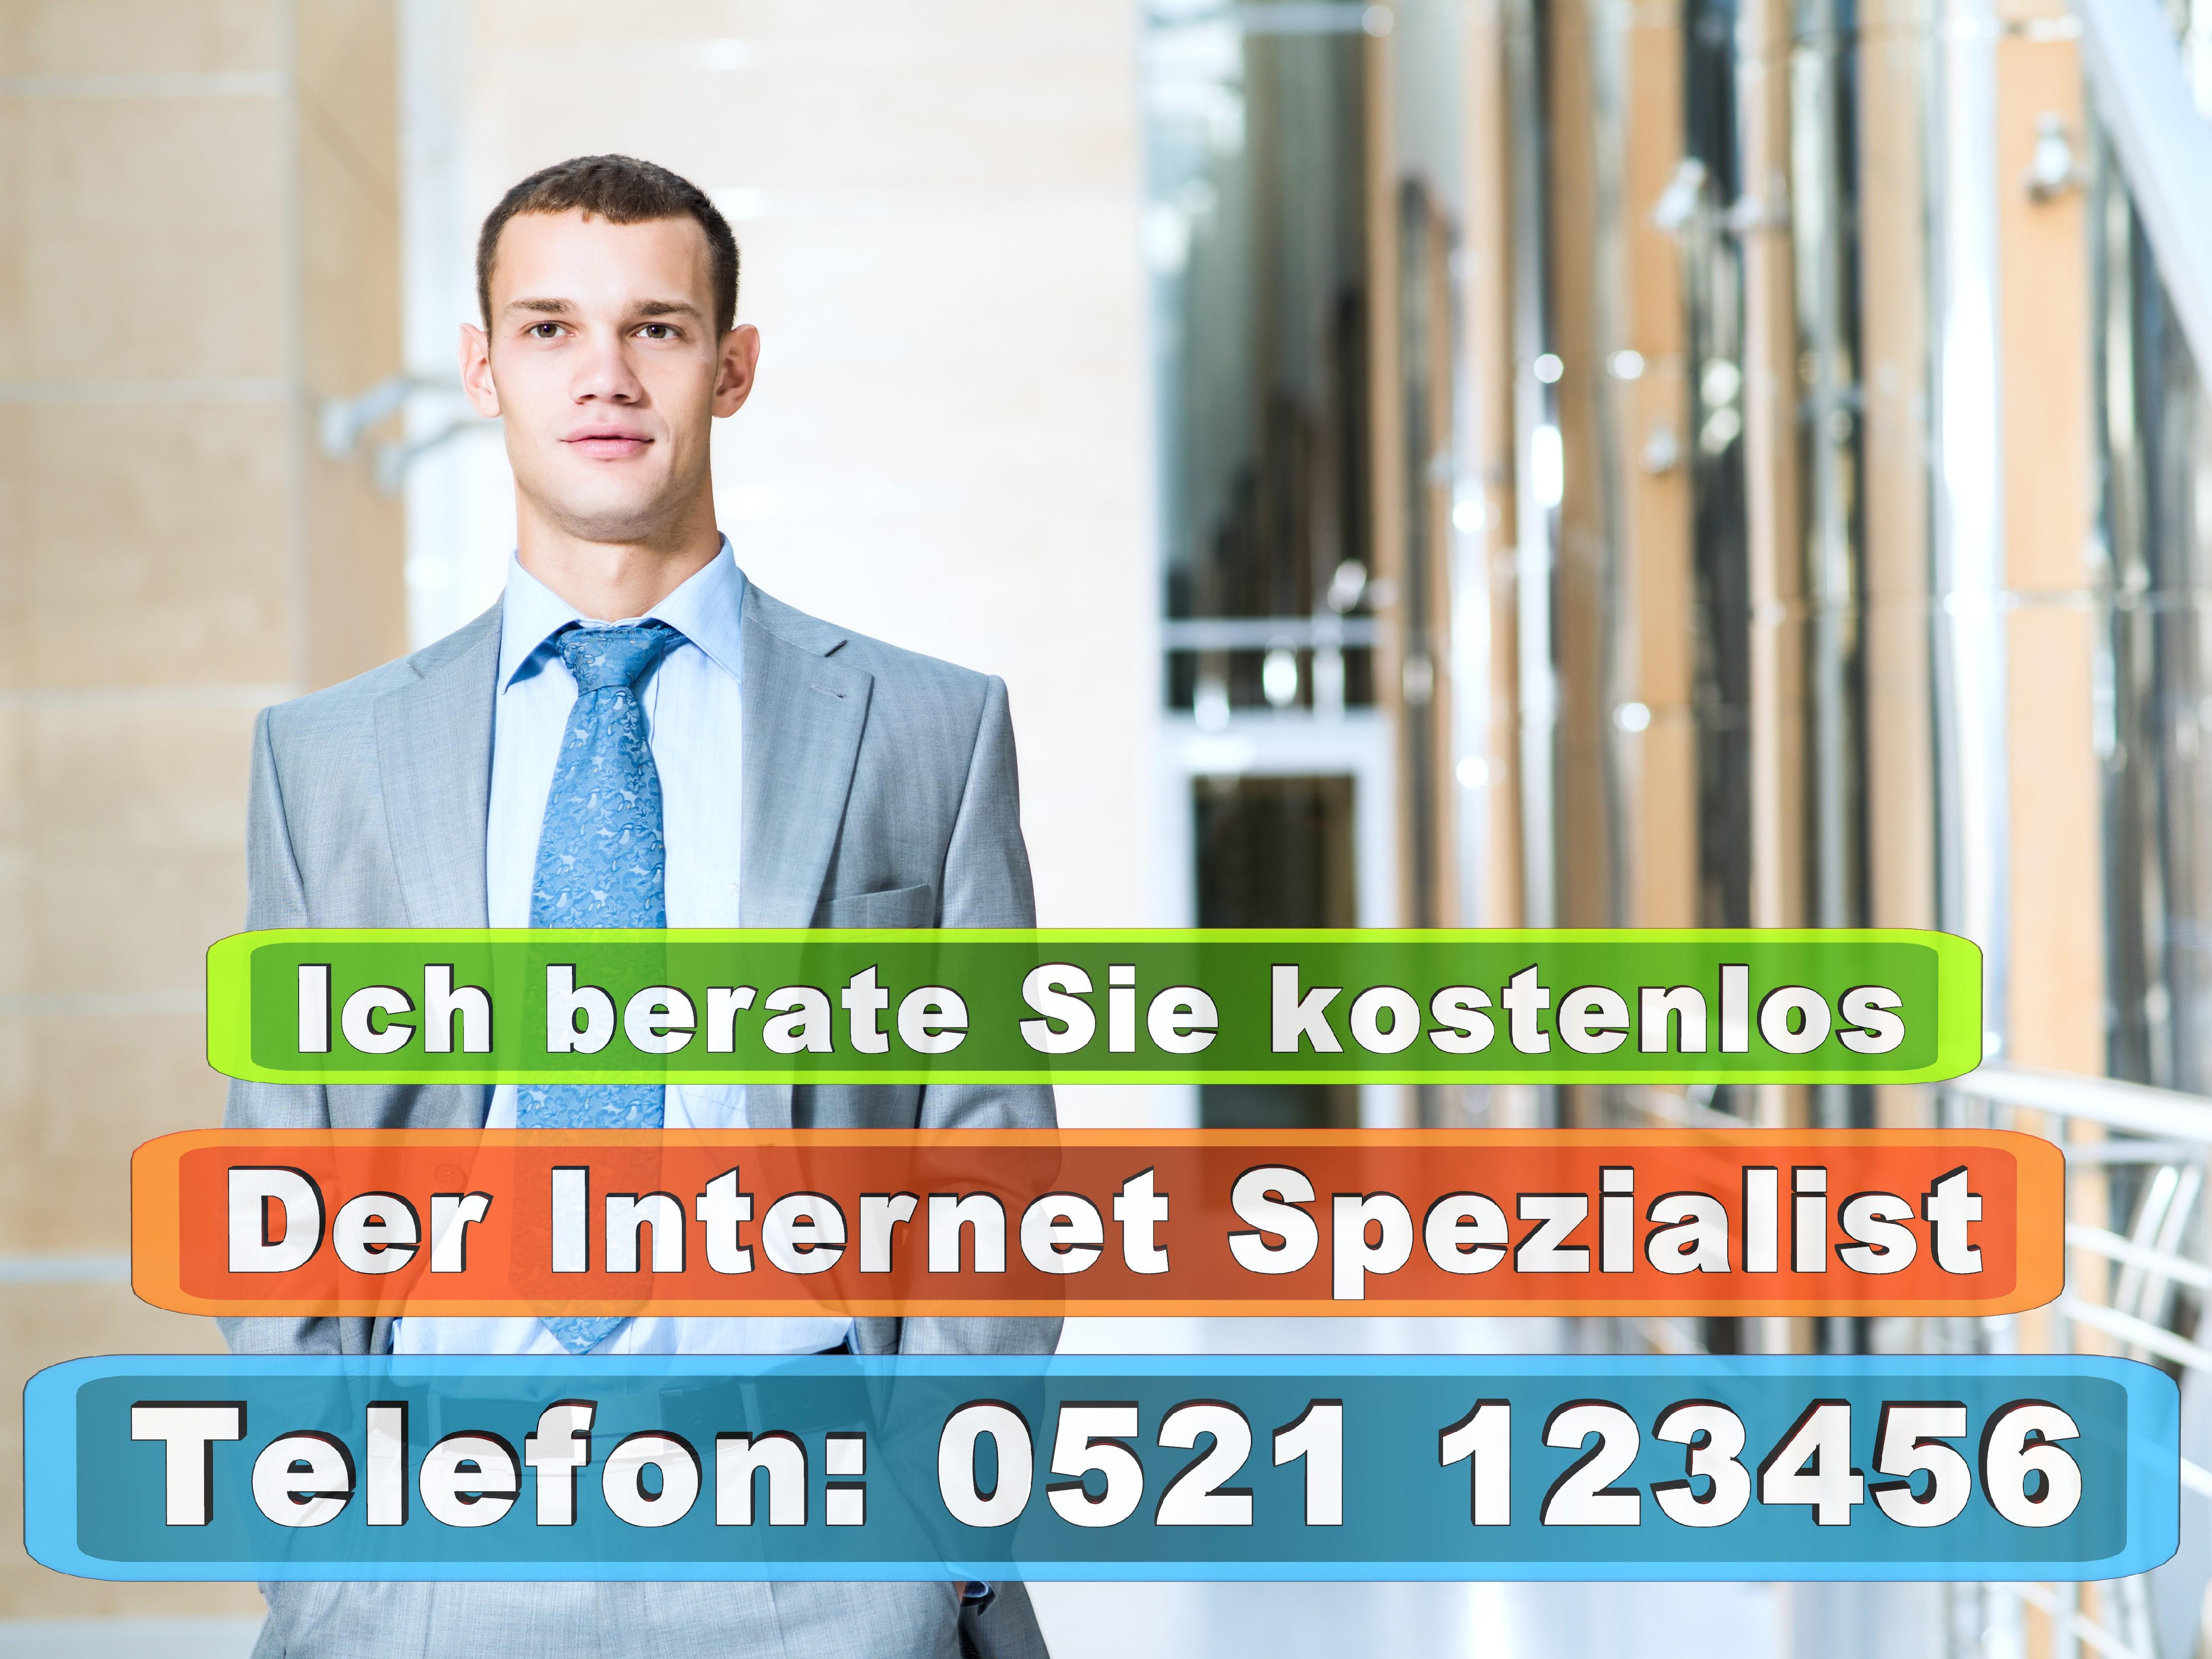 Steuerberater Bielefeld Rechtsanwalt Bielefeld Hausverwaltung Bielefeld Immobilien Bielefeld Architekt Bielefeld Büro Versicherungen (12)